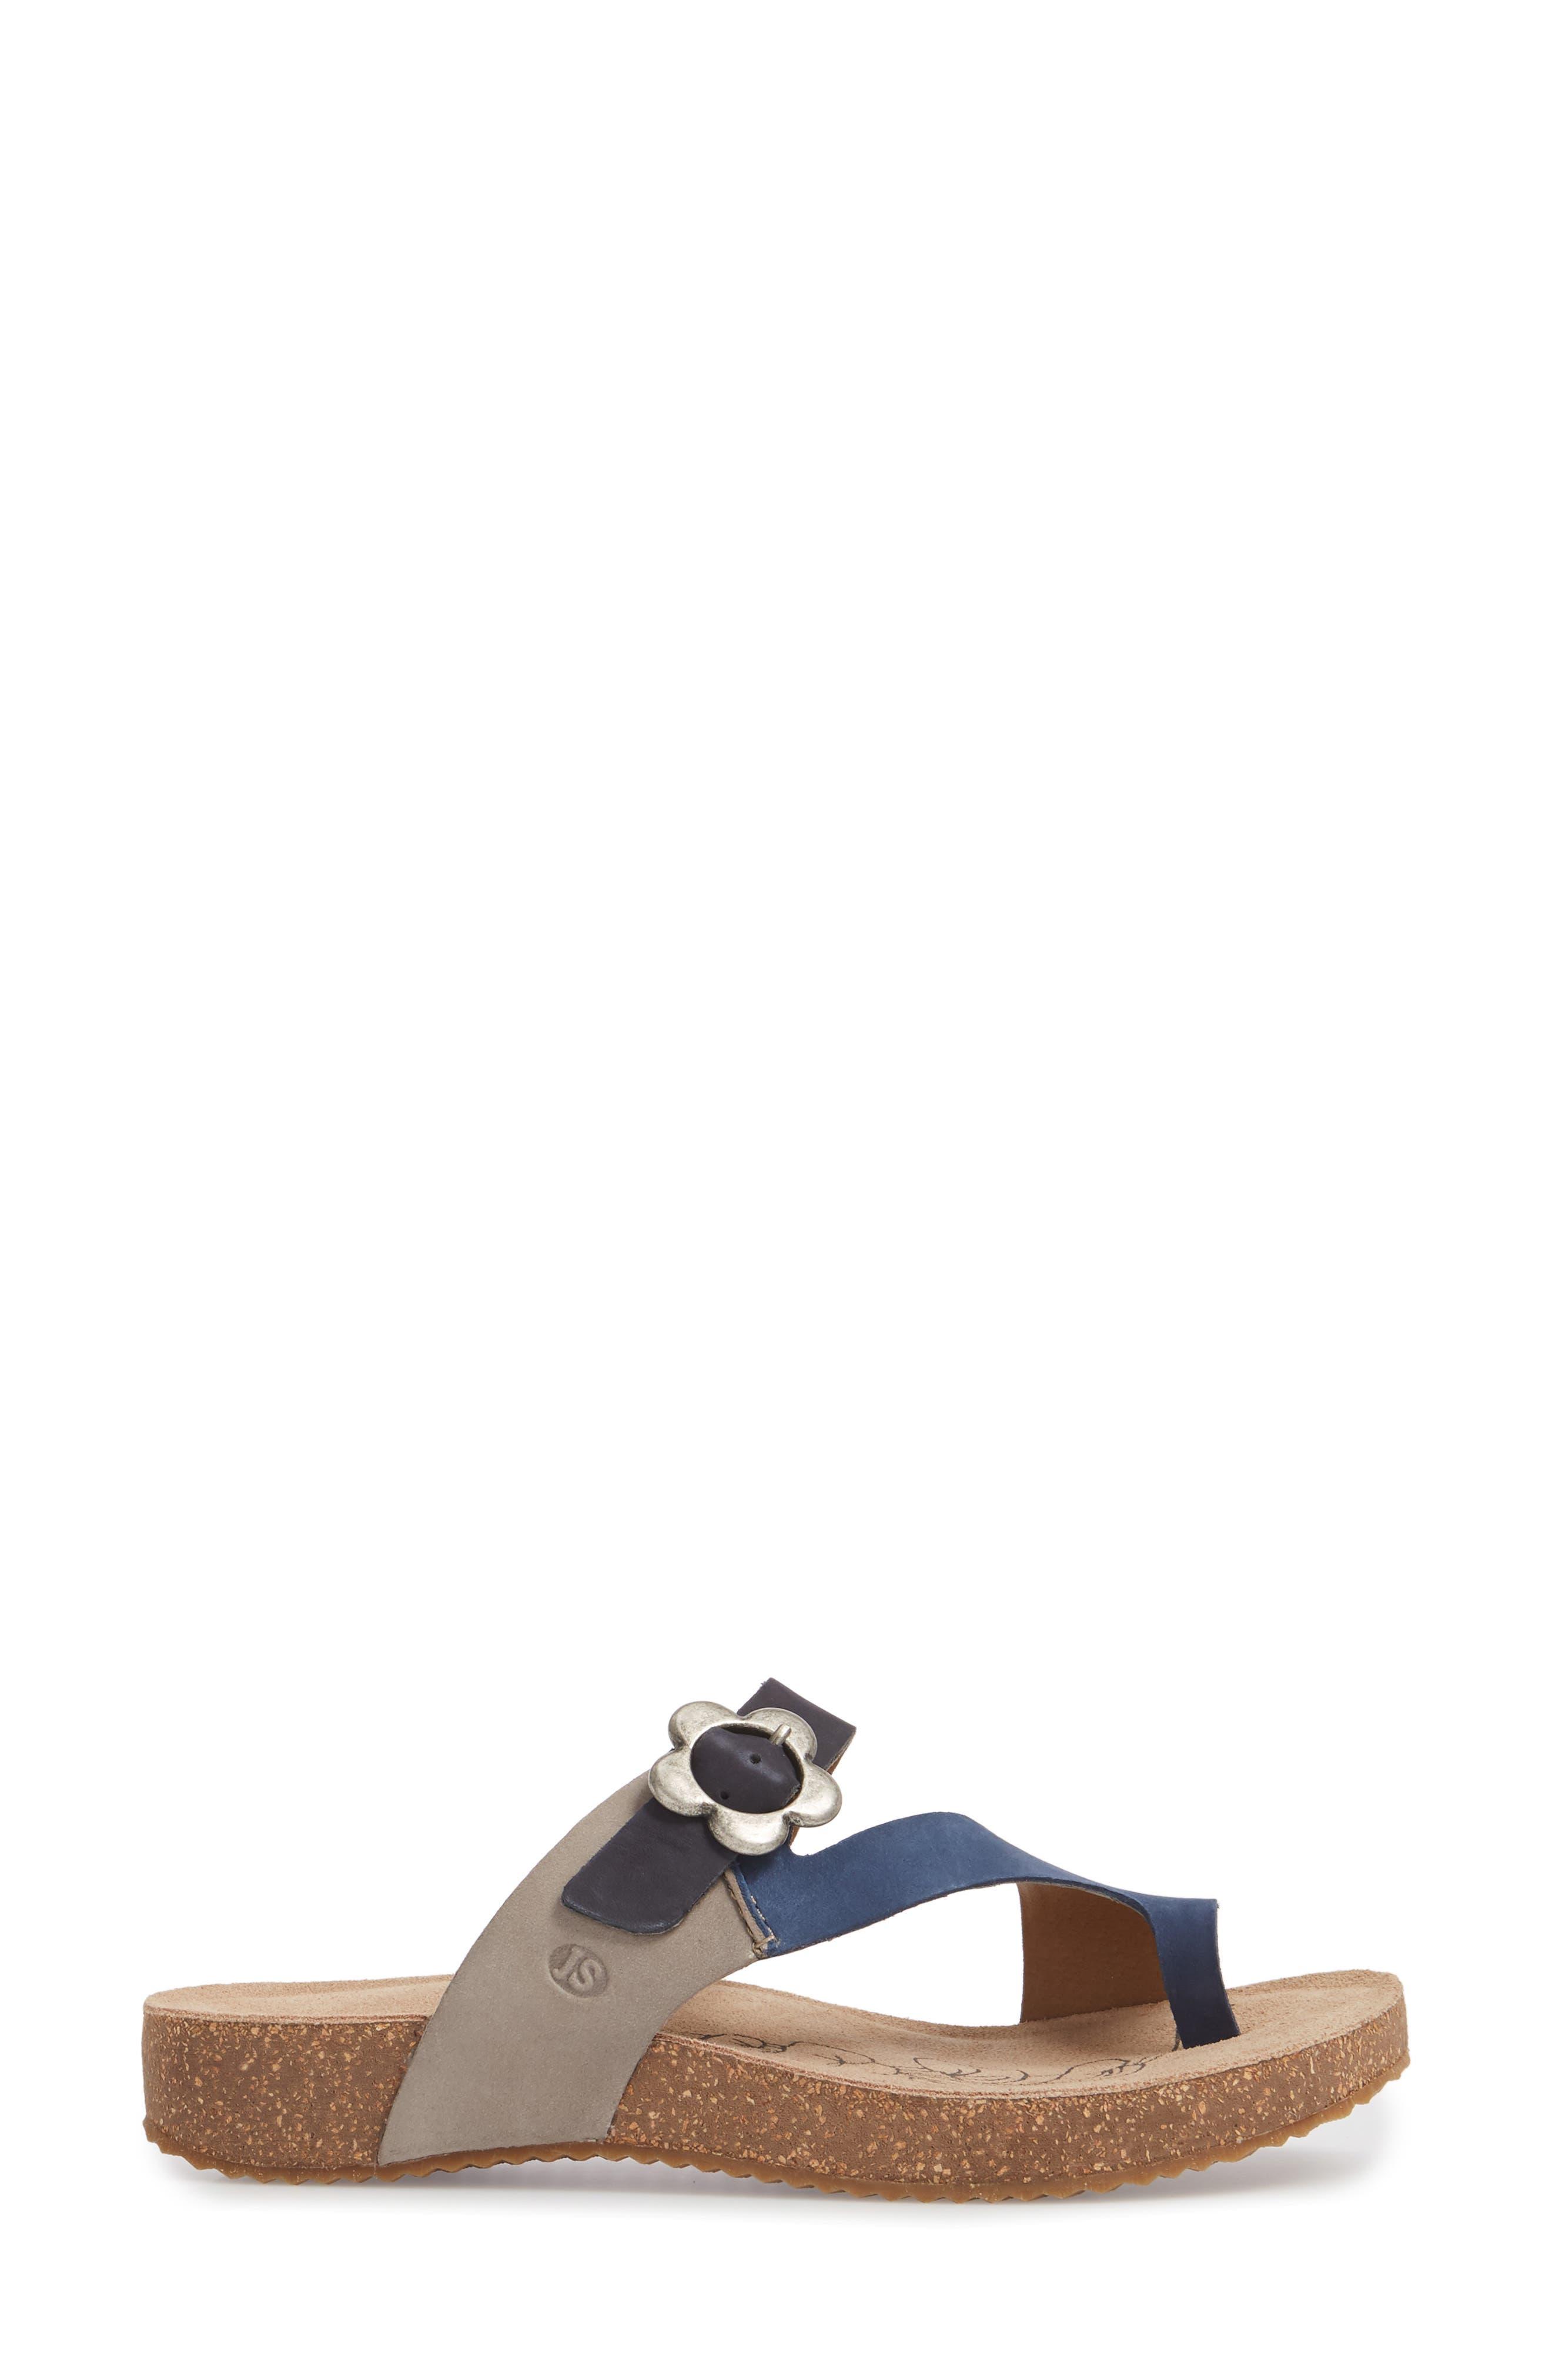 Tonga 23 Sandal,                             Alternate thumbnail 3, color,                             Blue Multi Leather